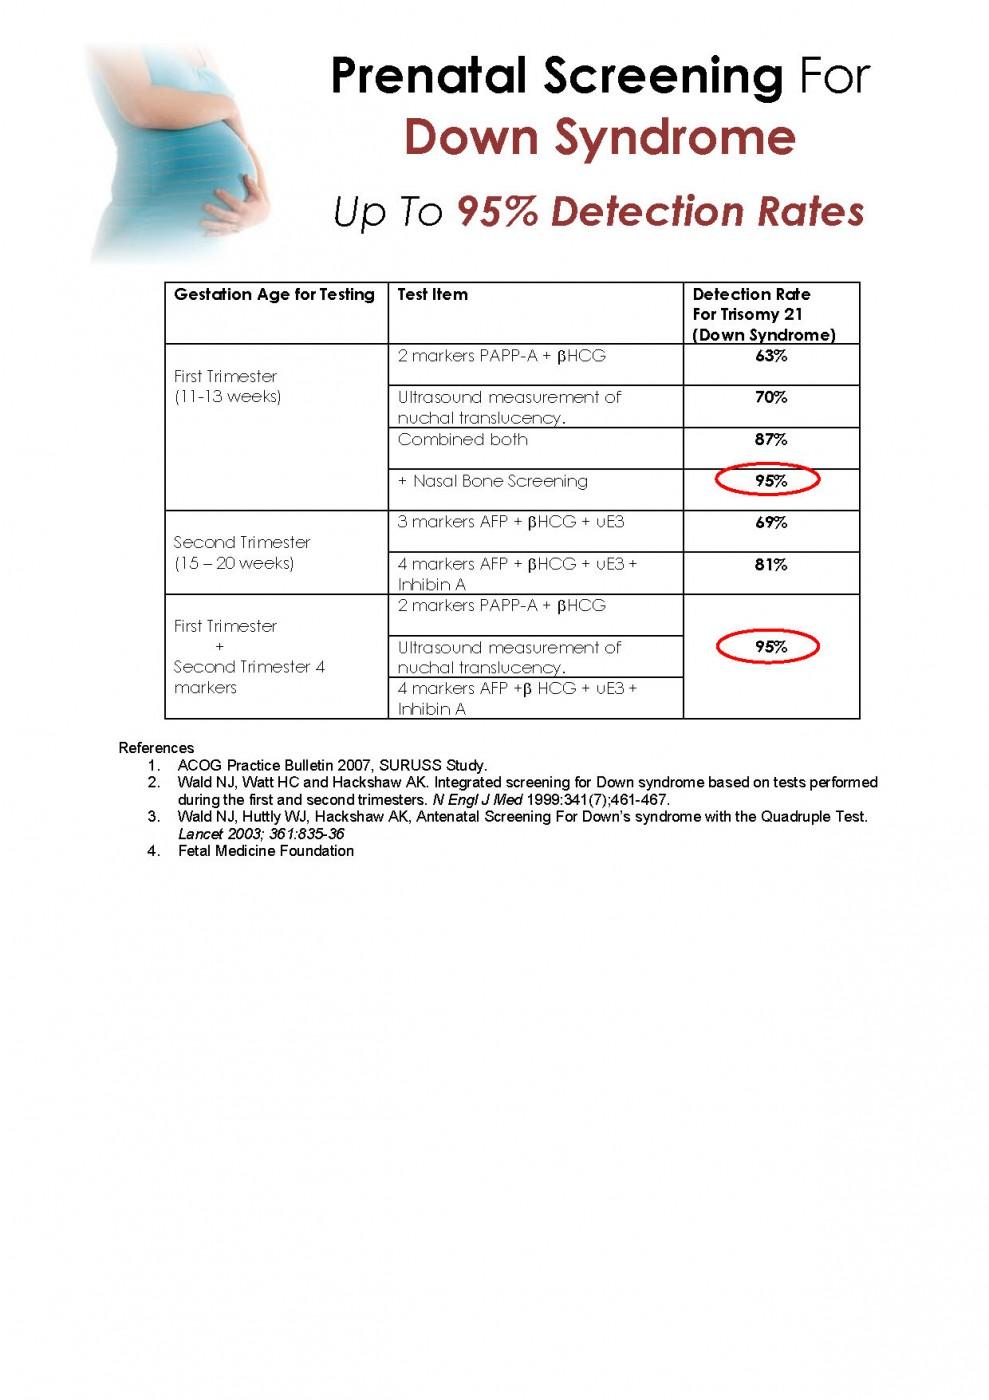 Prenatal Screening Info